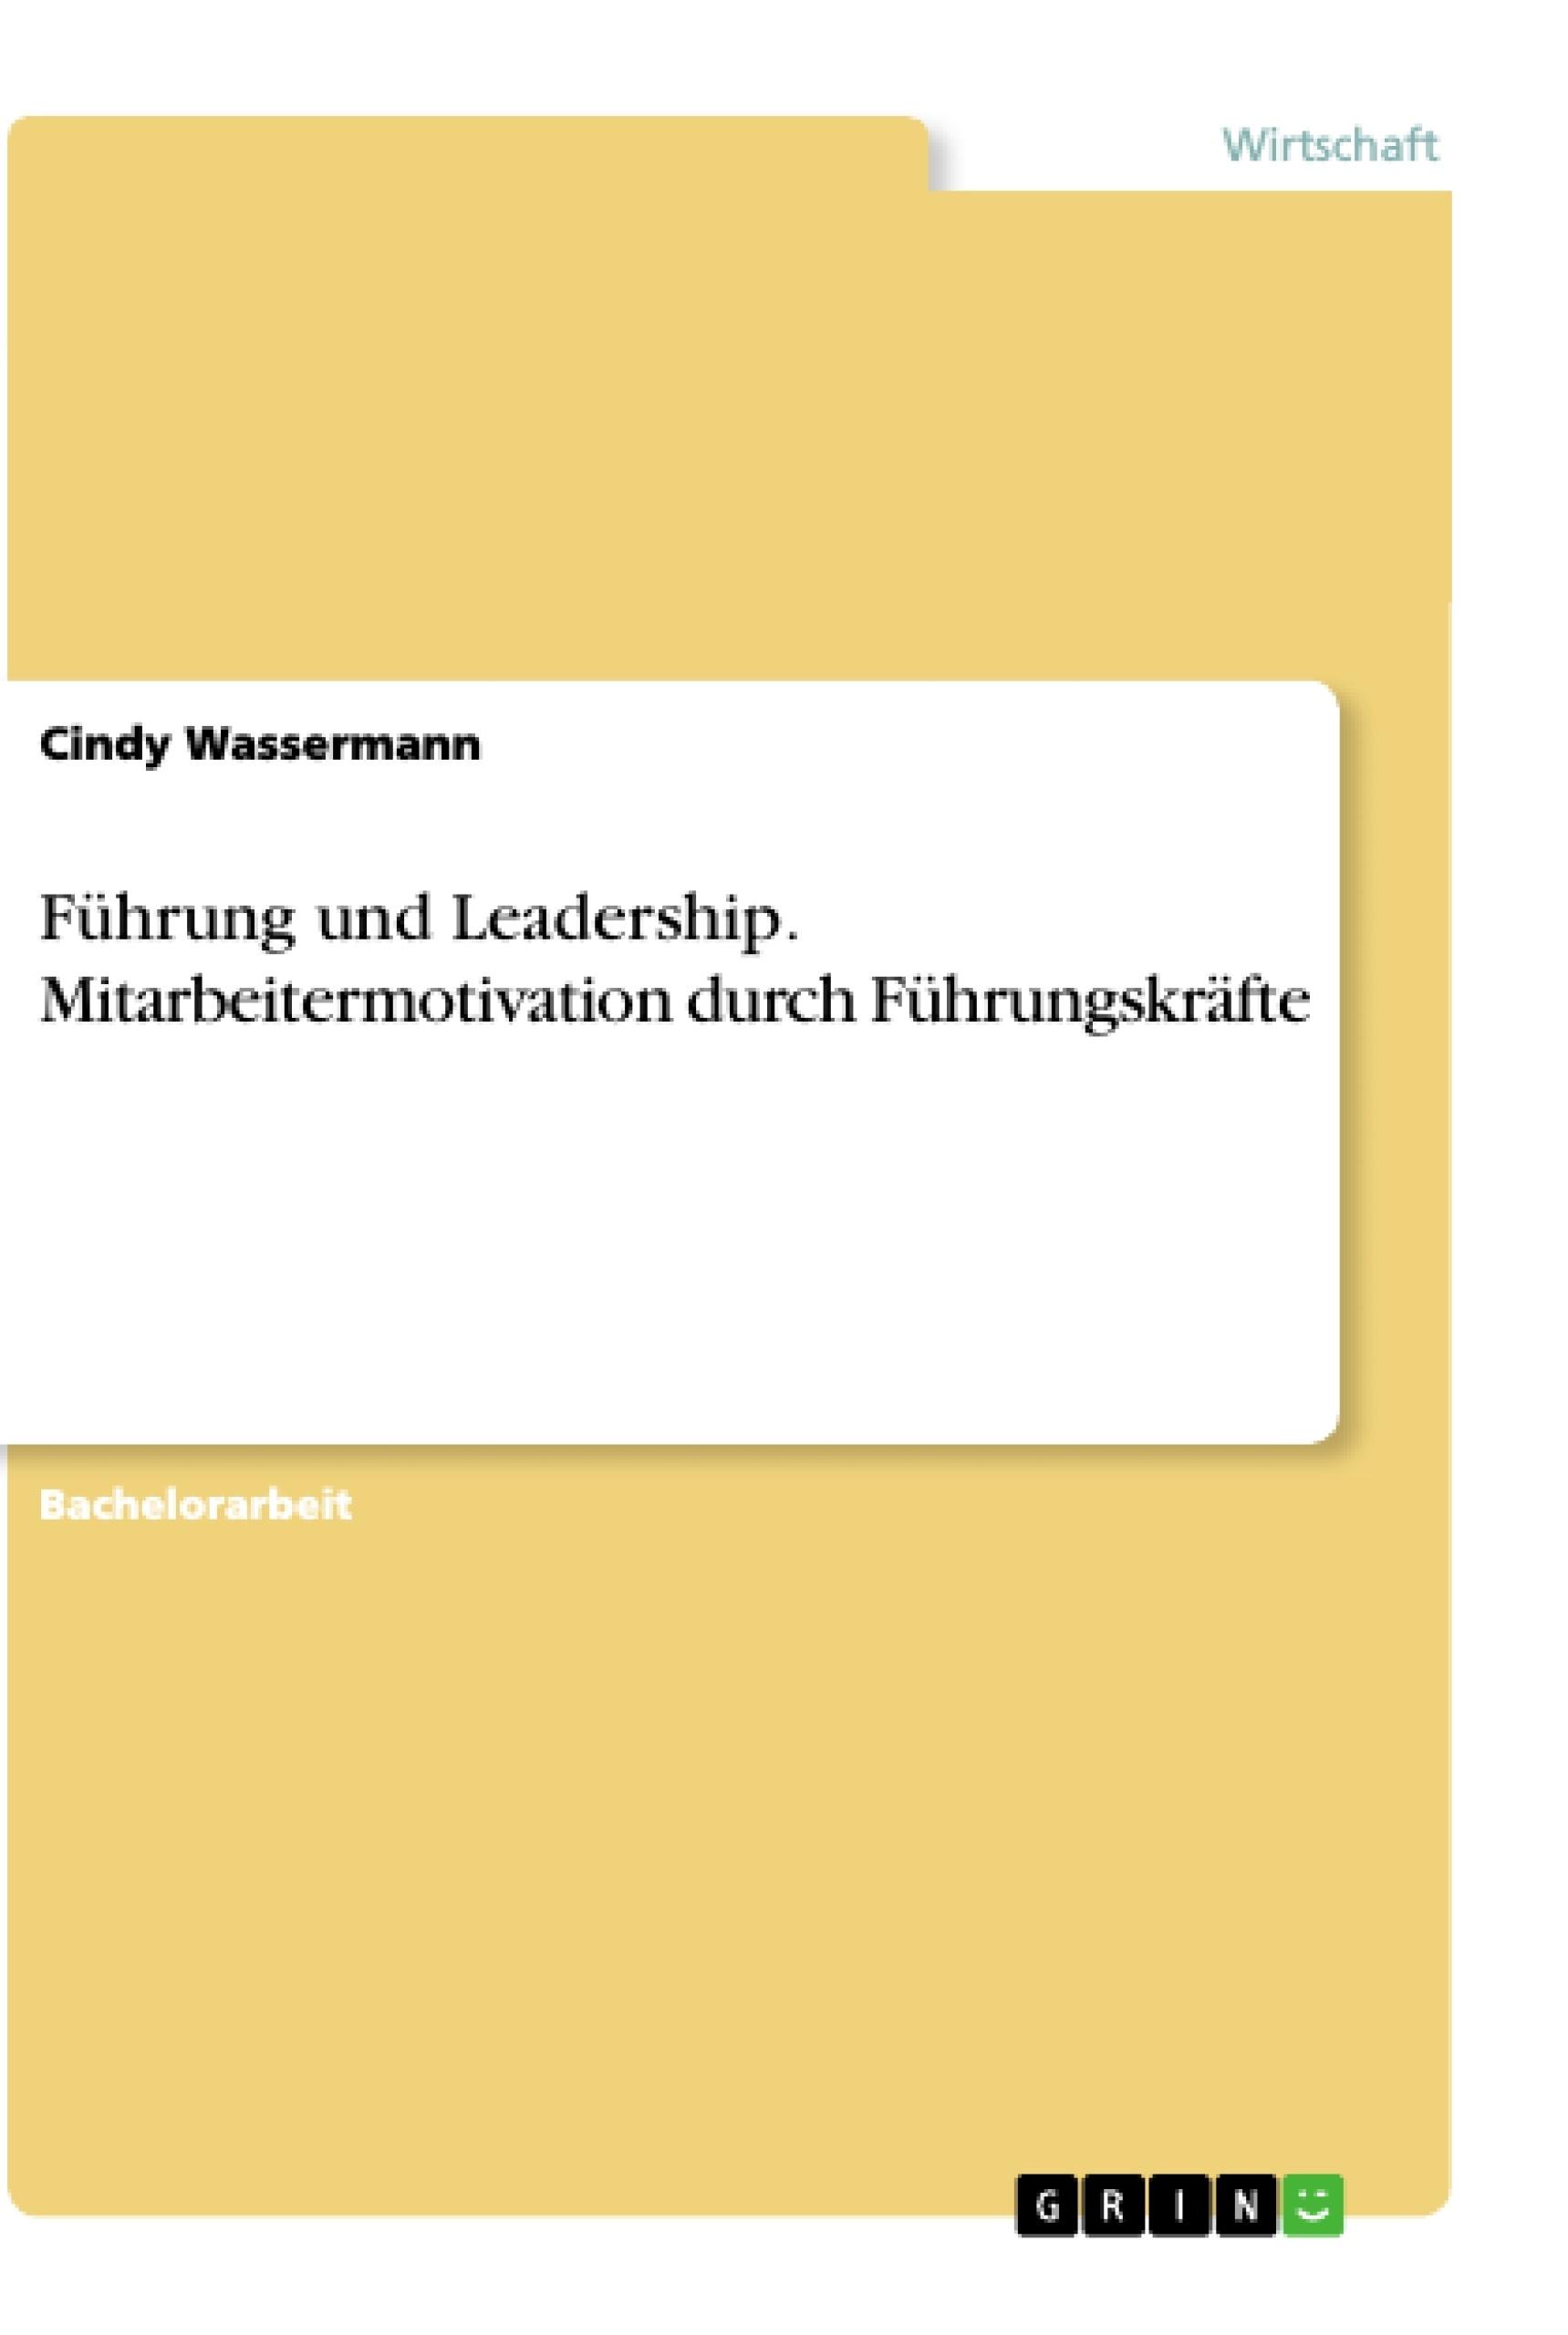 Titel: Führung und Leadership. Mitarbeitermotivation durch Führungskräfte